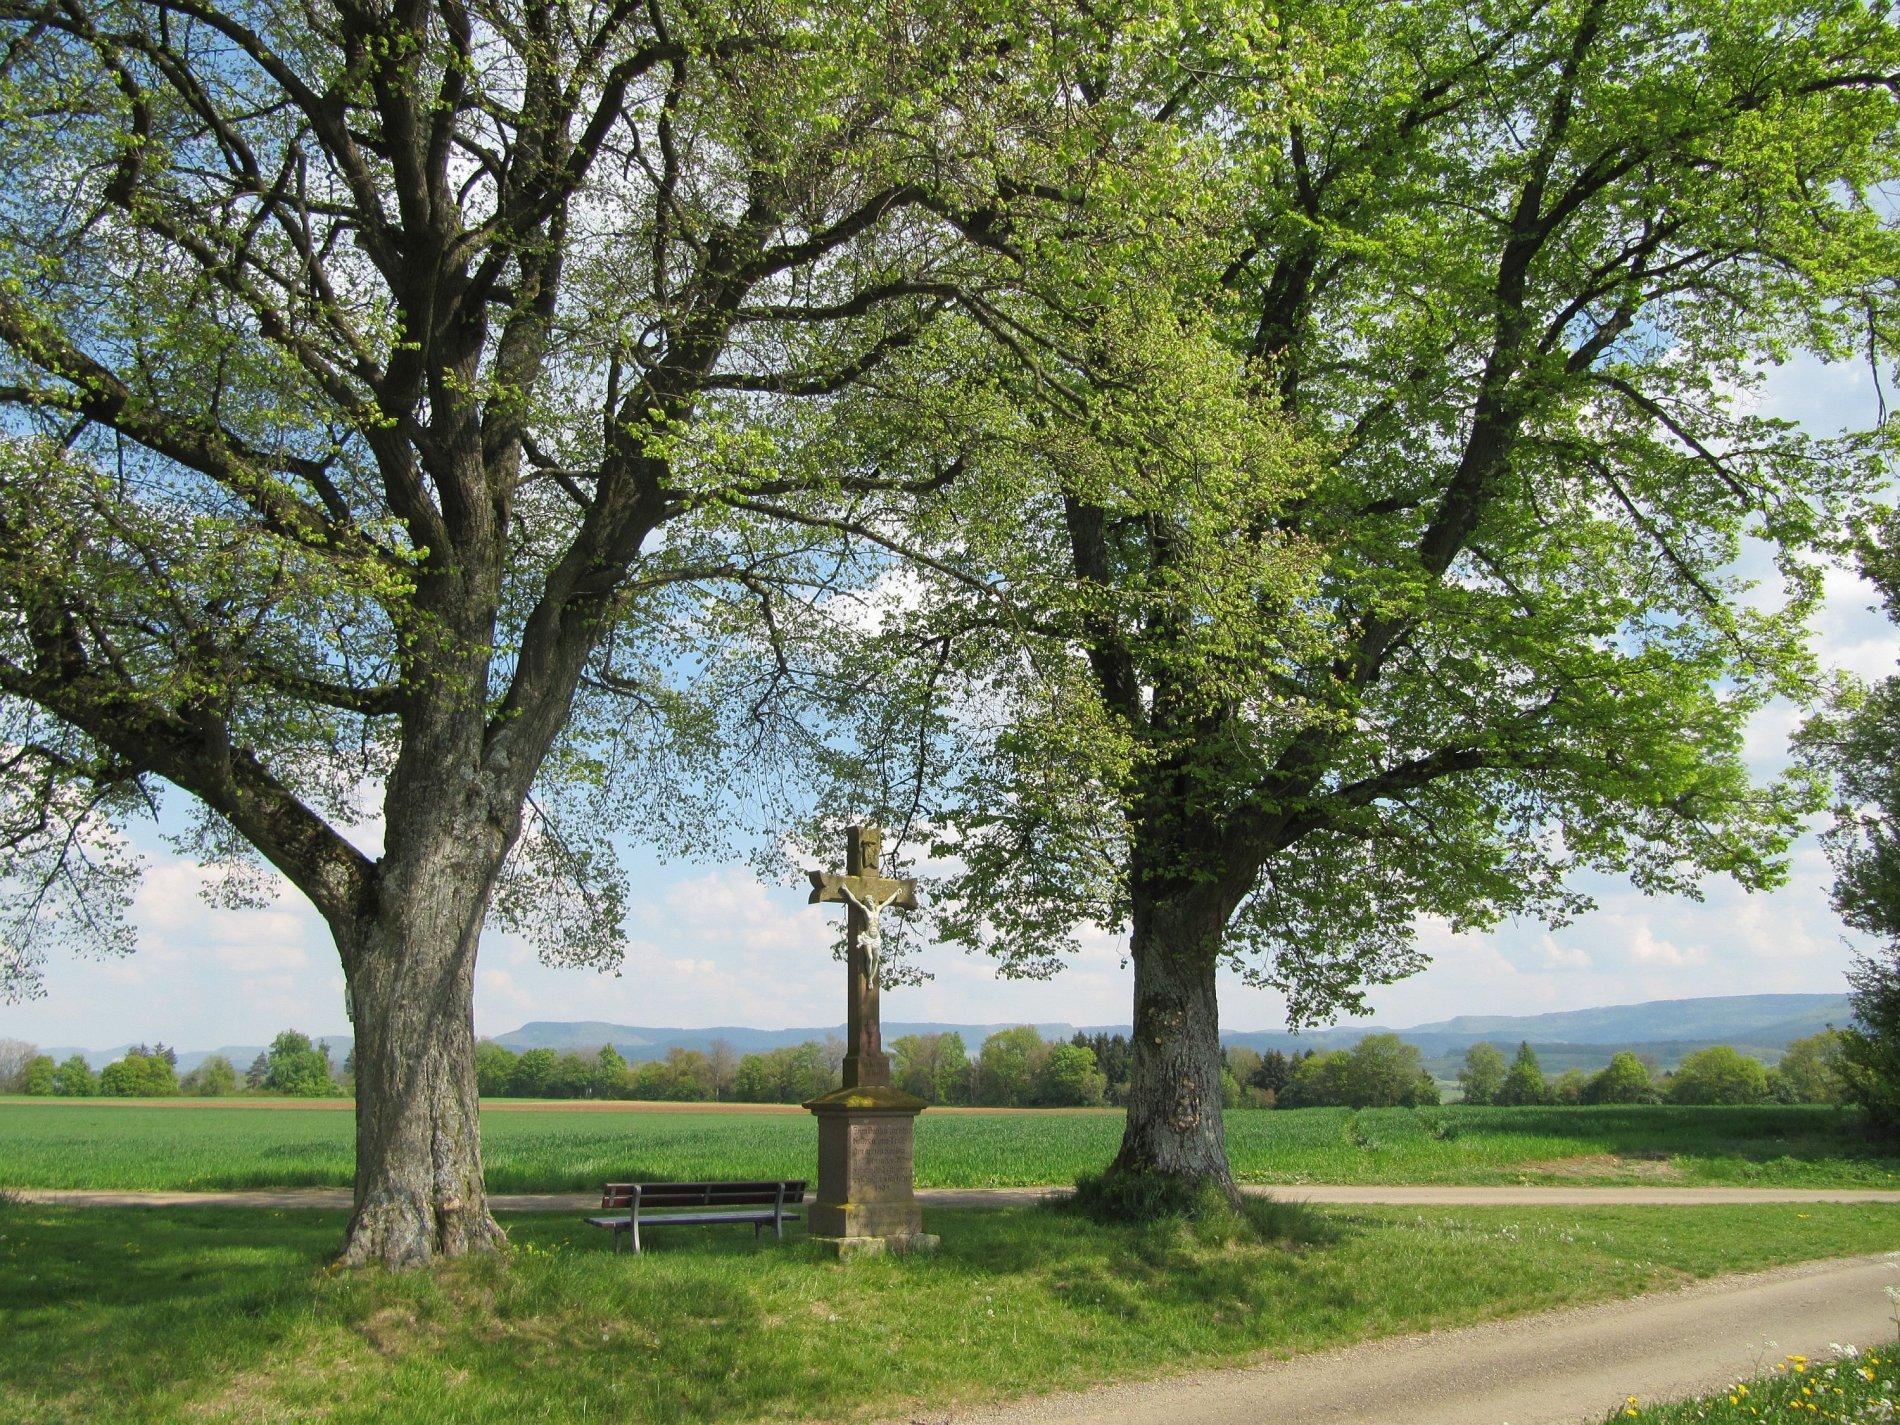 Wegkreuz unter Bäumen an einem Weg